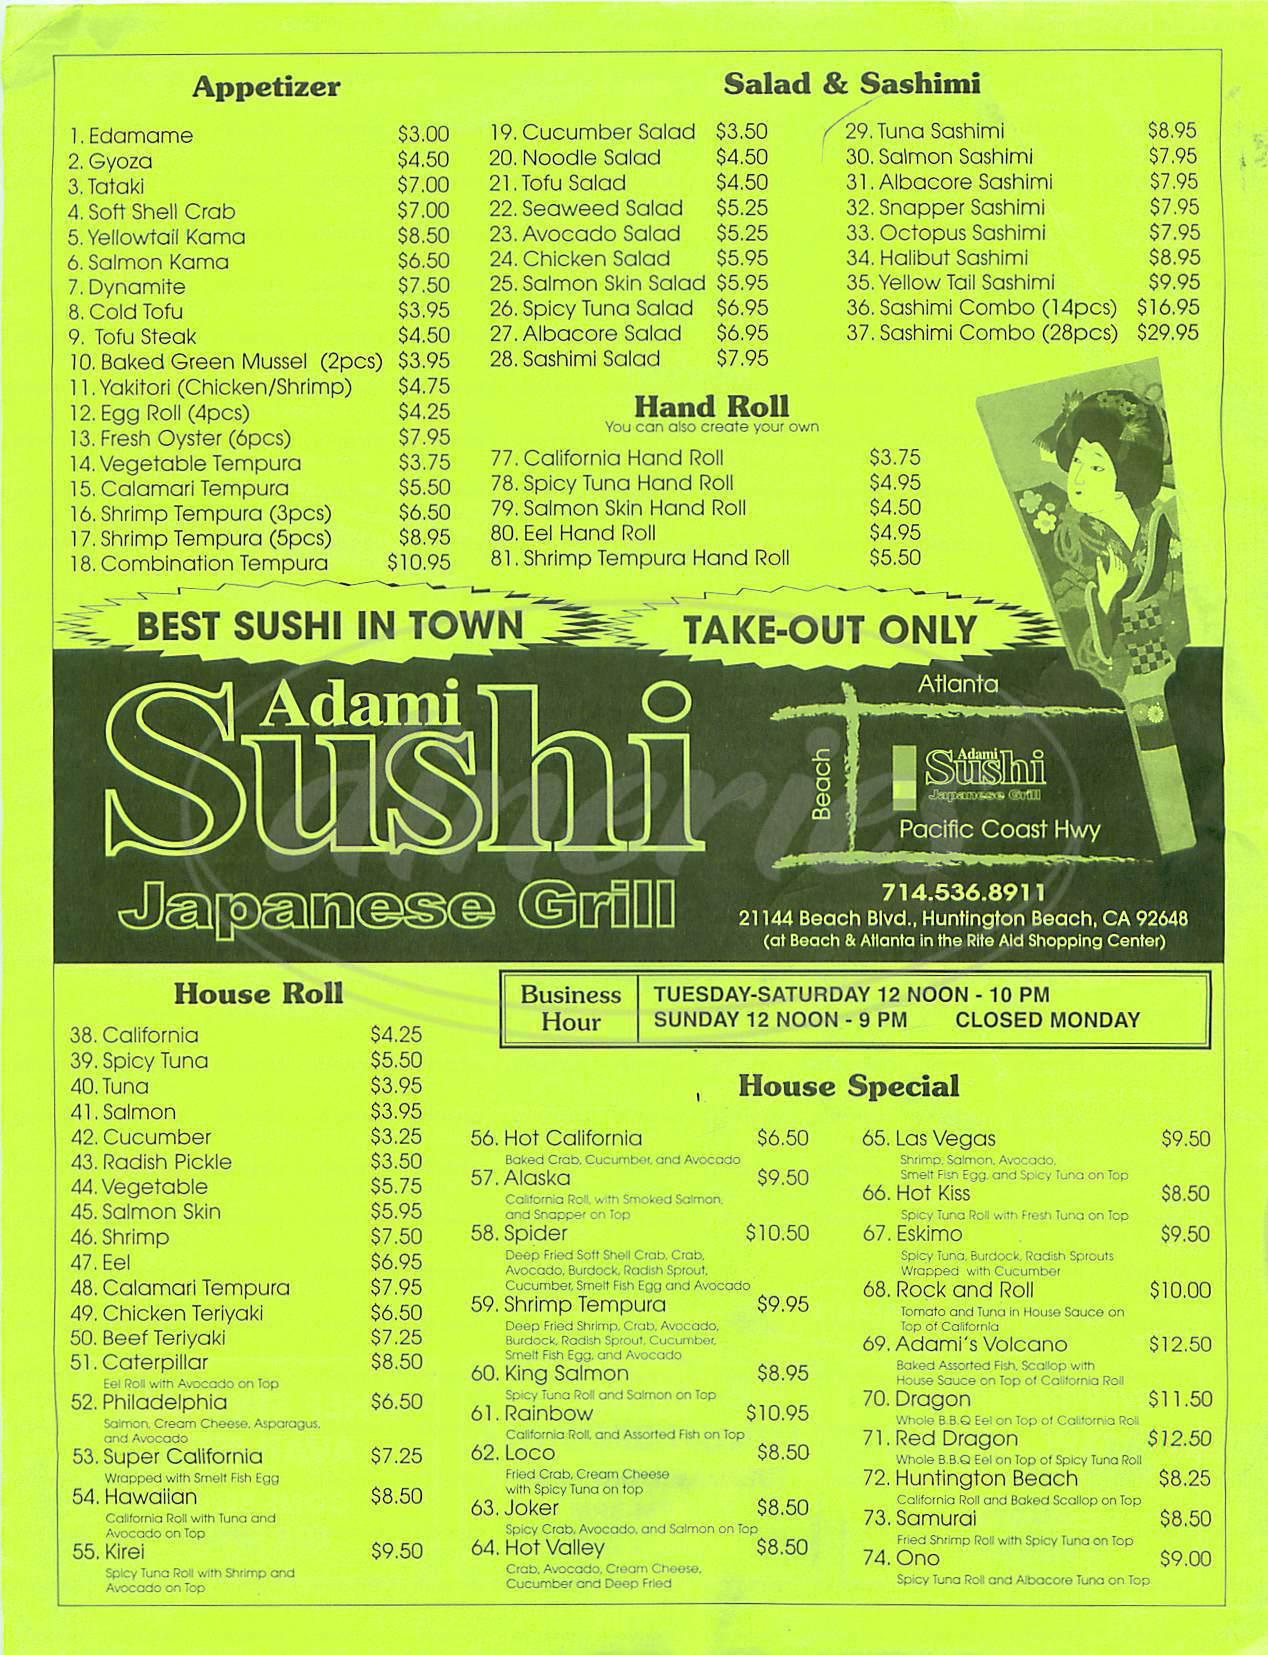 menu for Adami Sushi